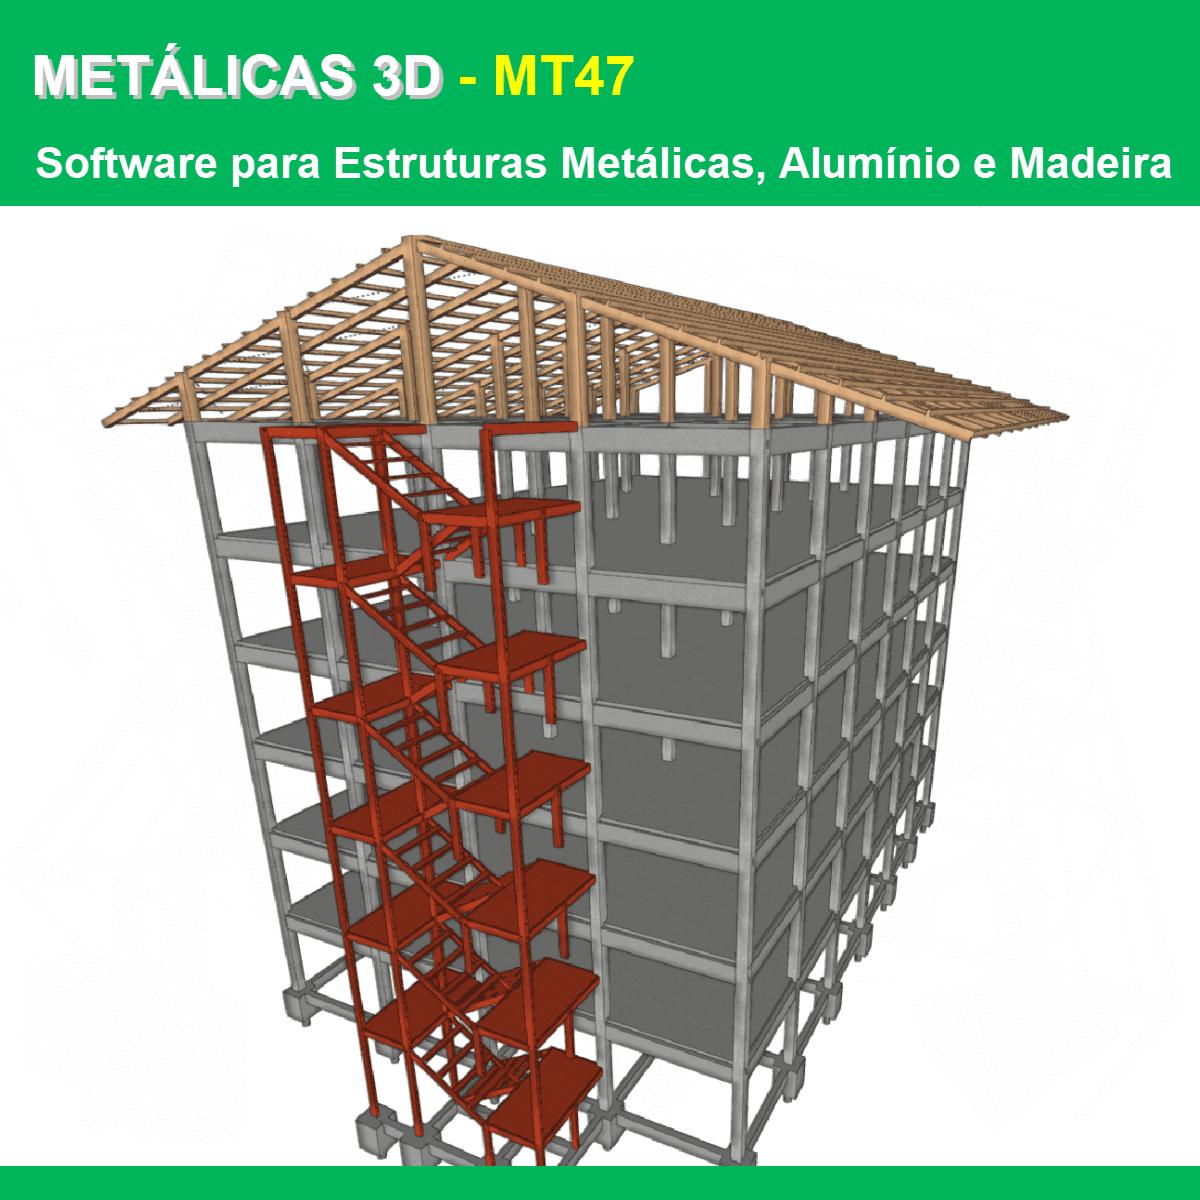 """Software Metálicas 3D MT47 versão 2021 (Licença Eletrônica) incluindo a modulação descrita em """"Itens Inclusos"""" a seguir  - MULTIPLUS SOFTWARES"""